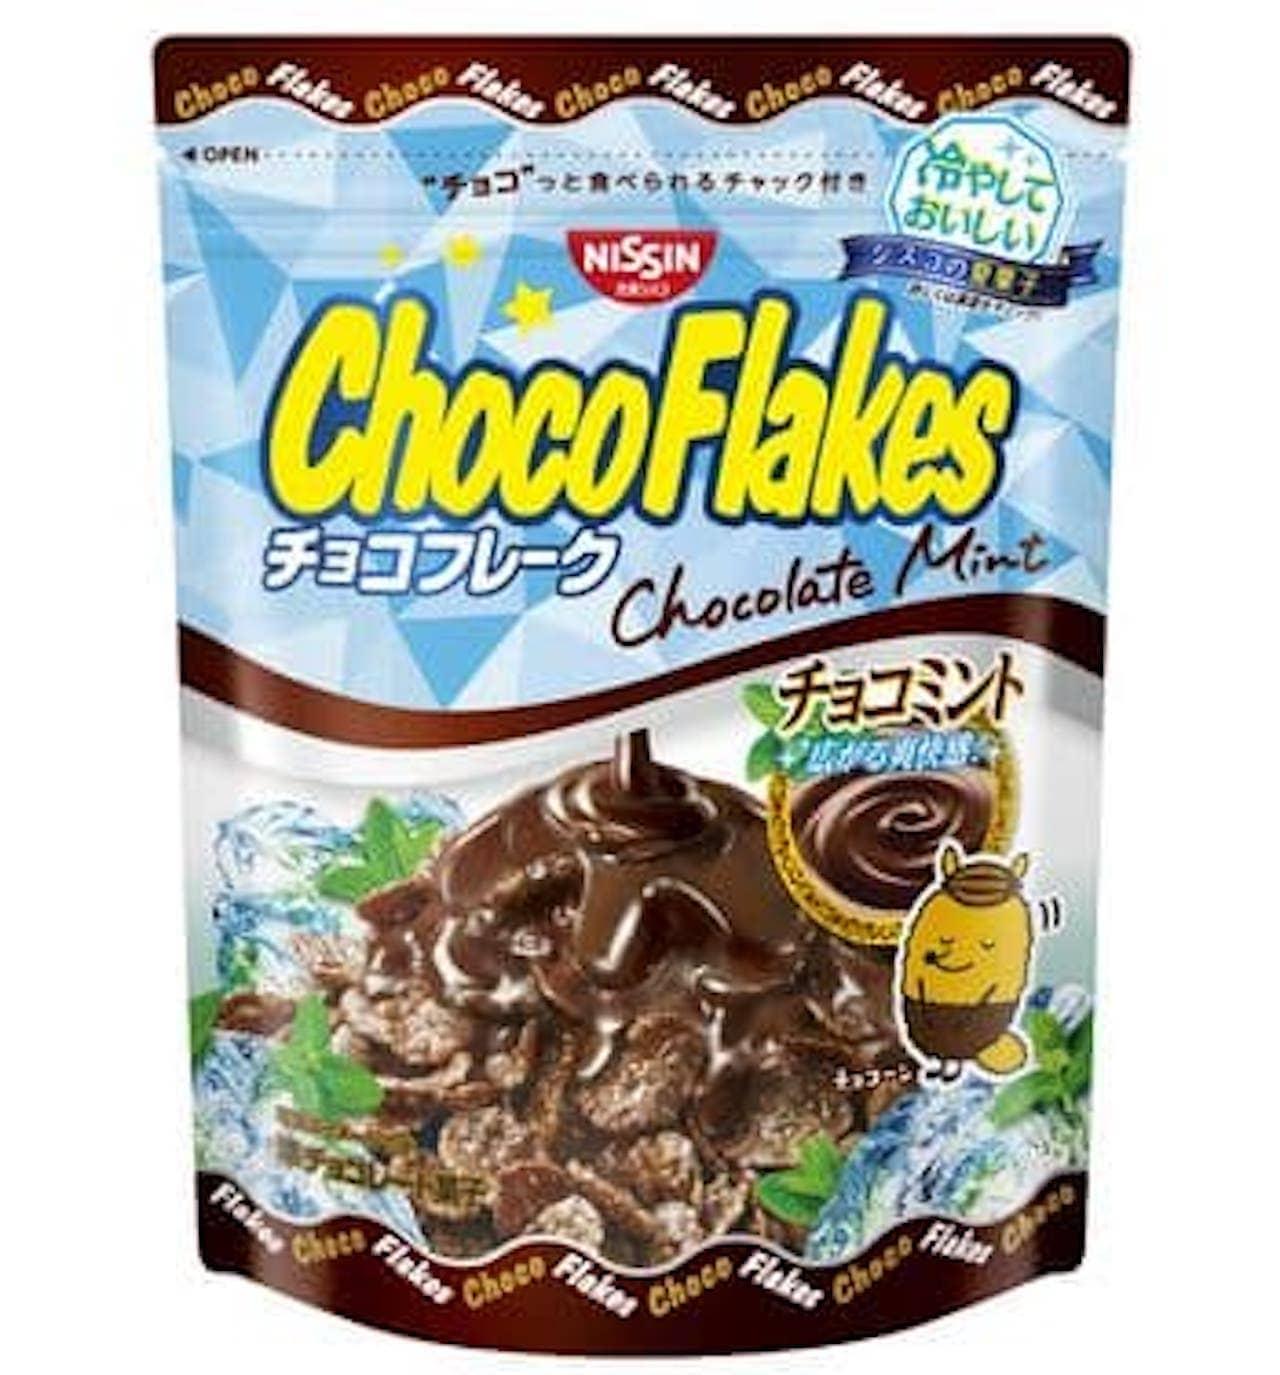 日清シスコ「チョコフレーク チョコミント」